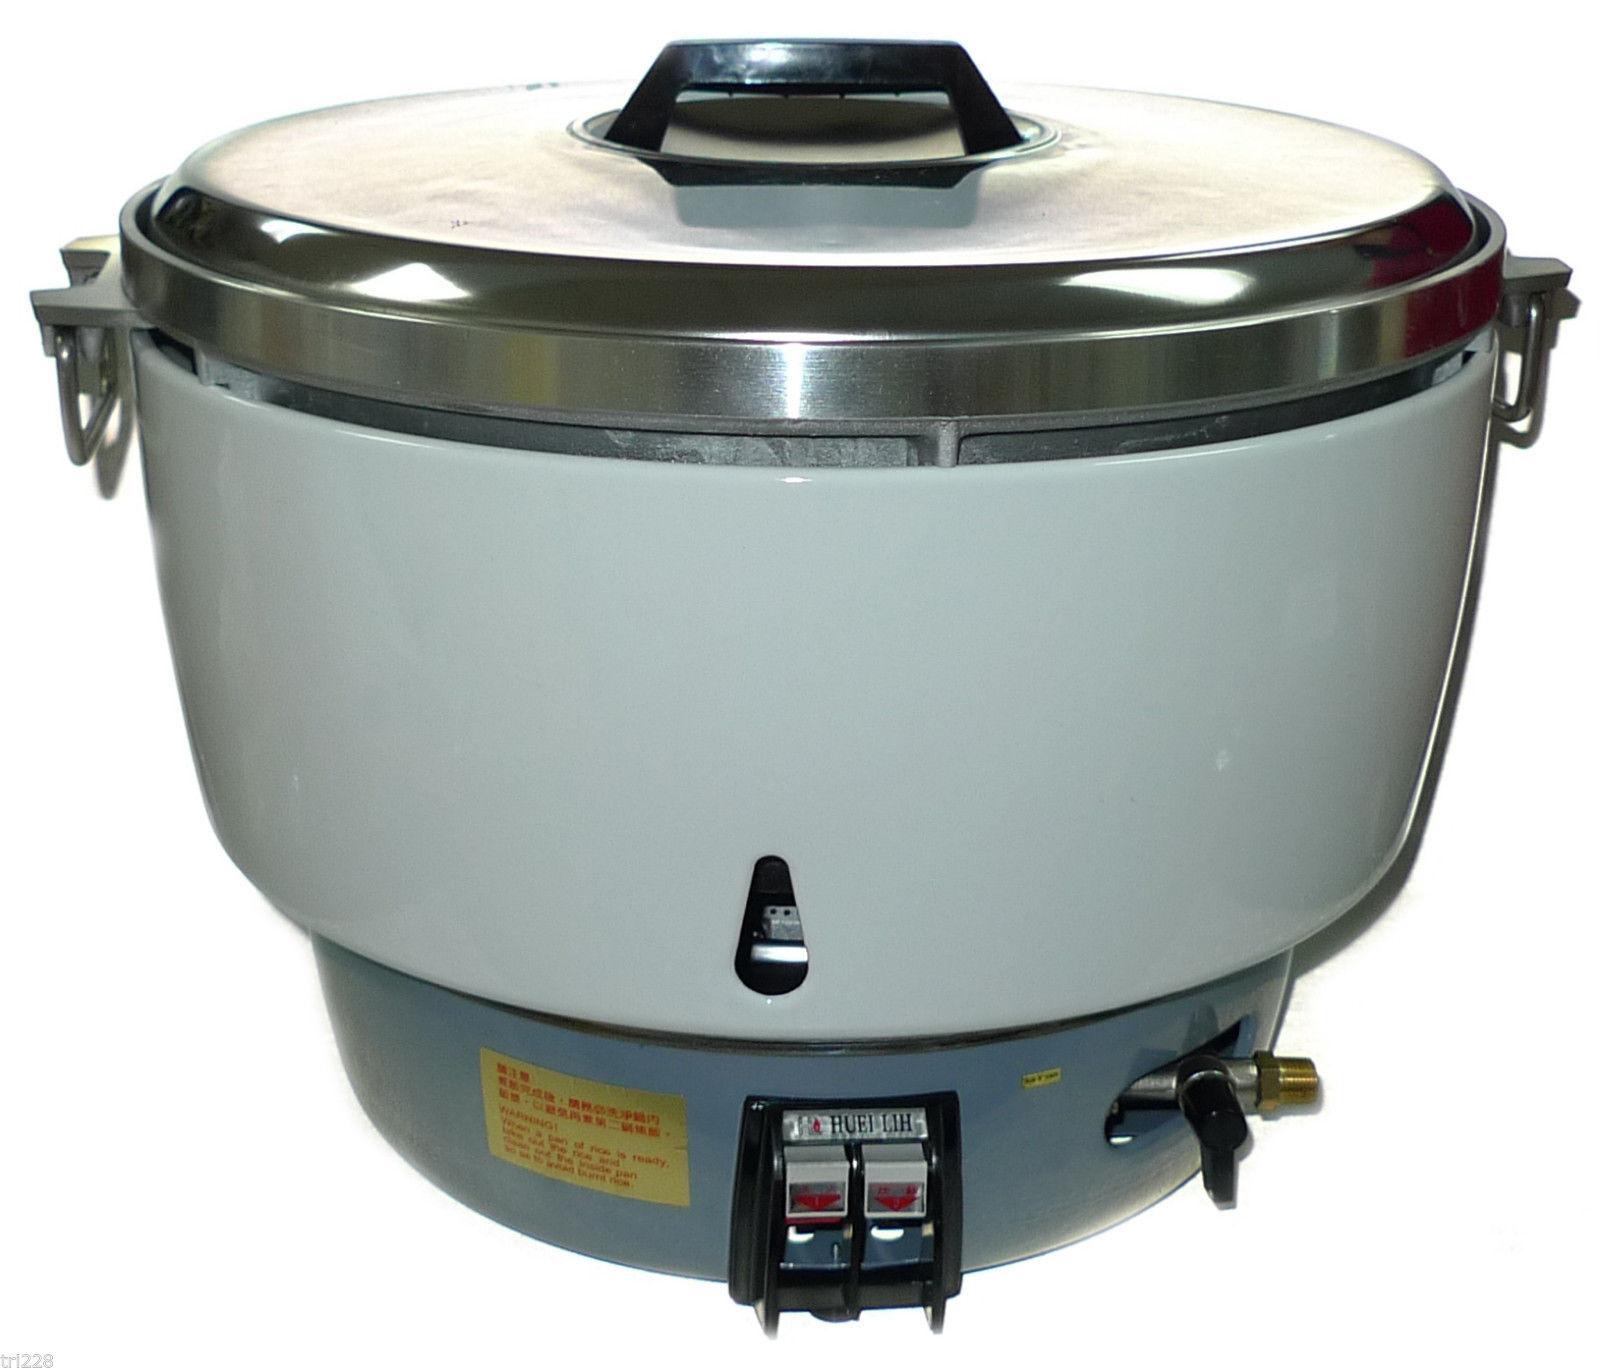 Nouveau Huei gaz naturel riz commercial cuisinière (50 tasses) 100 bols